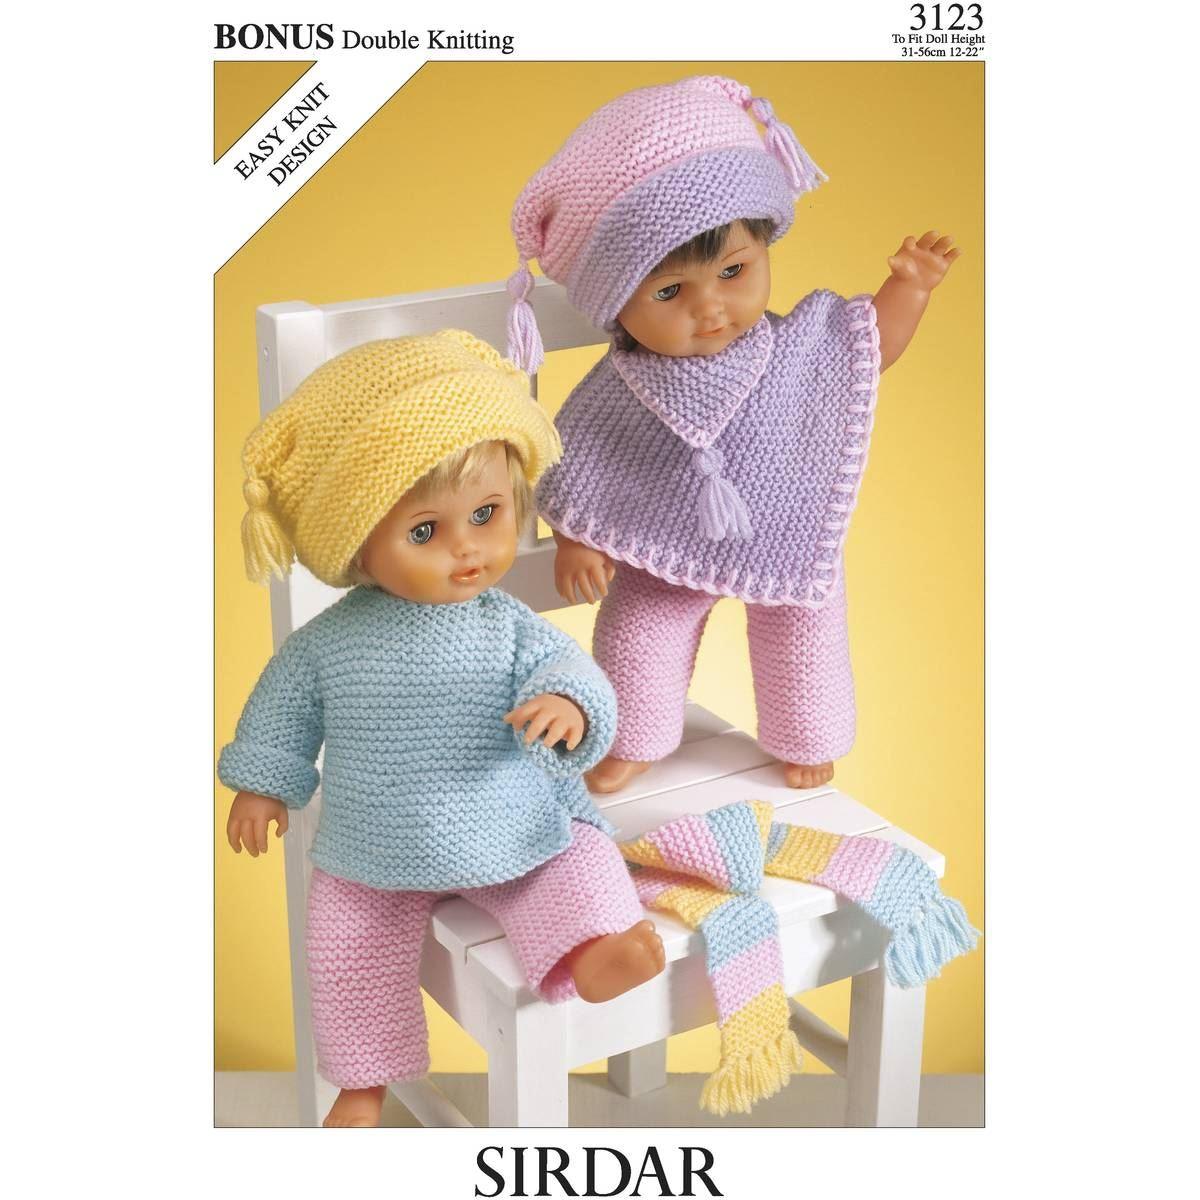 Sirdar Bonus DK Knitting Pattern Leaflet 3123 Dolls Clothing Needlecraft eBay